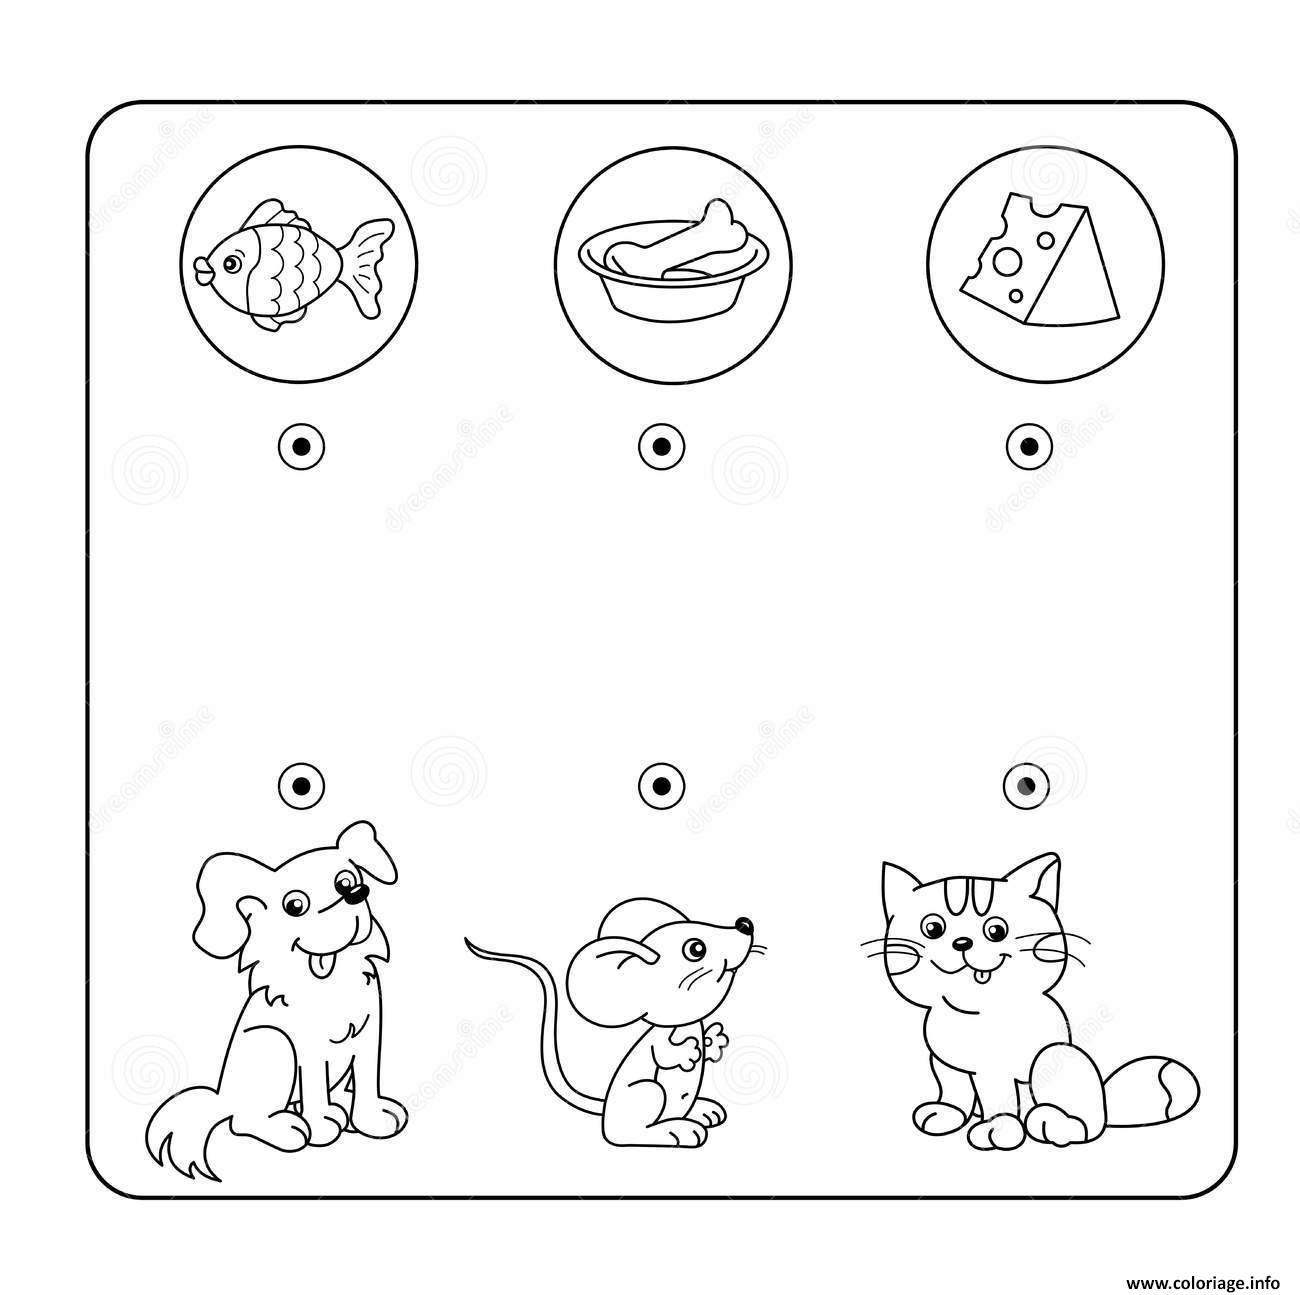 Coloriage Relie Chaque Animal A Son Repas Jeu A Imprimer